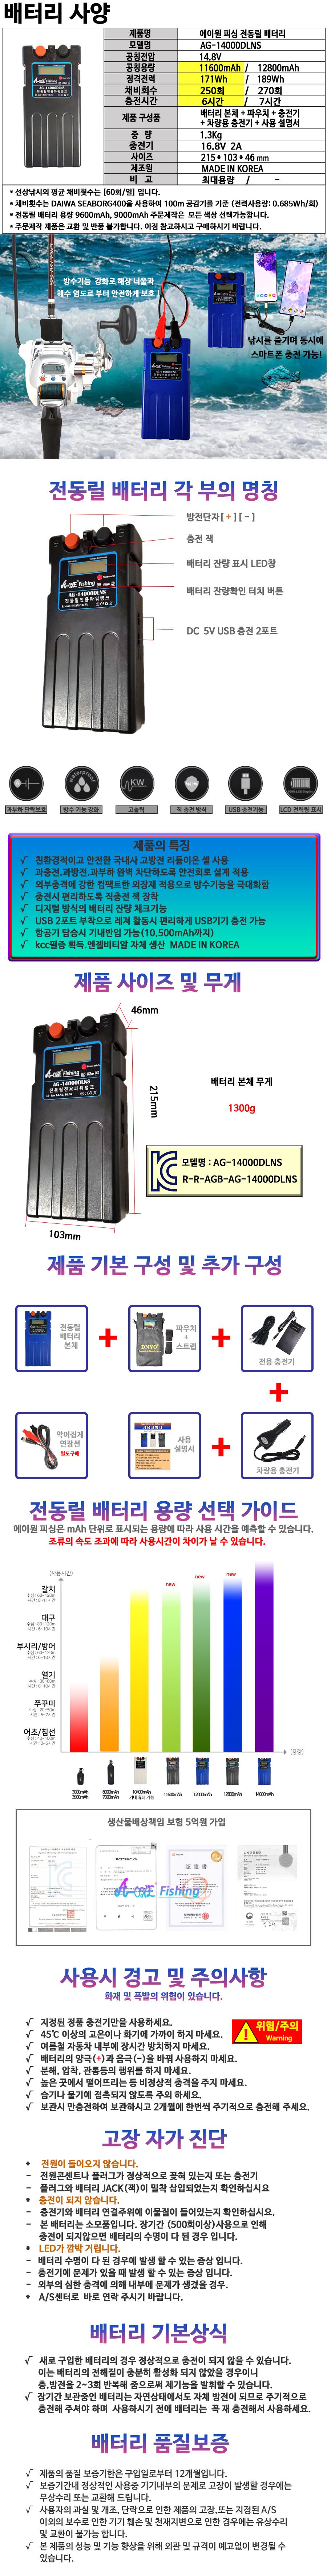 AG_14000DLNS_11600mAh.jpg